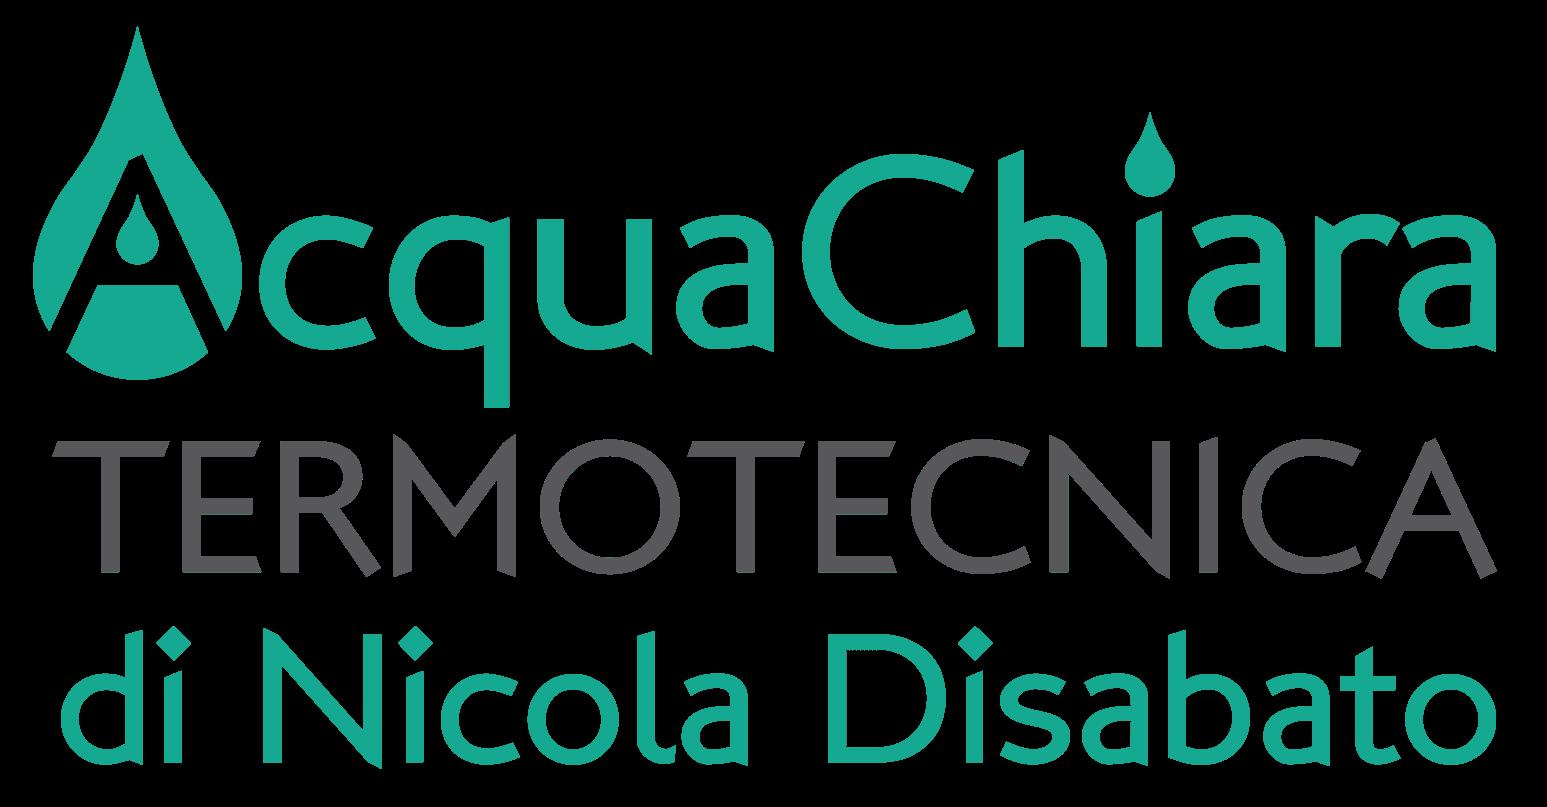 acquachiara-termotecnica-di-nicola-disabato-idraulico-milano-cormano